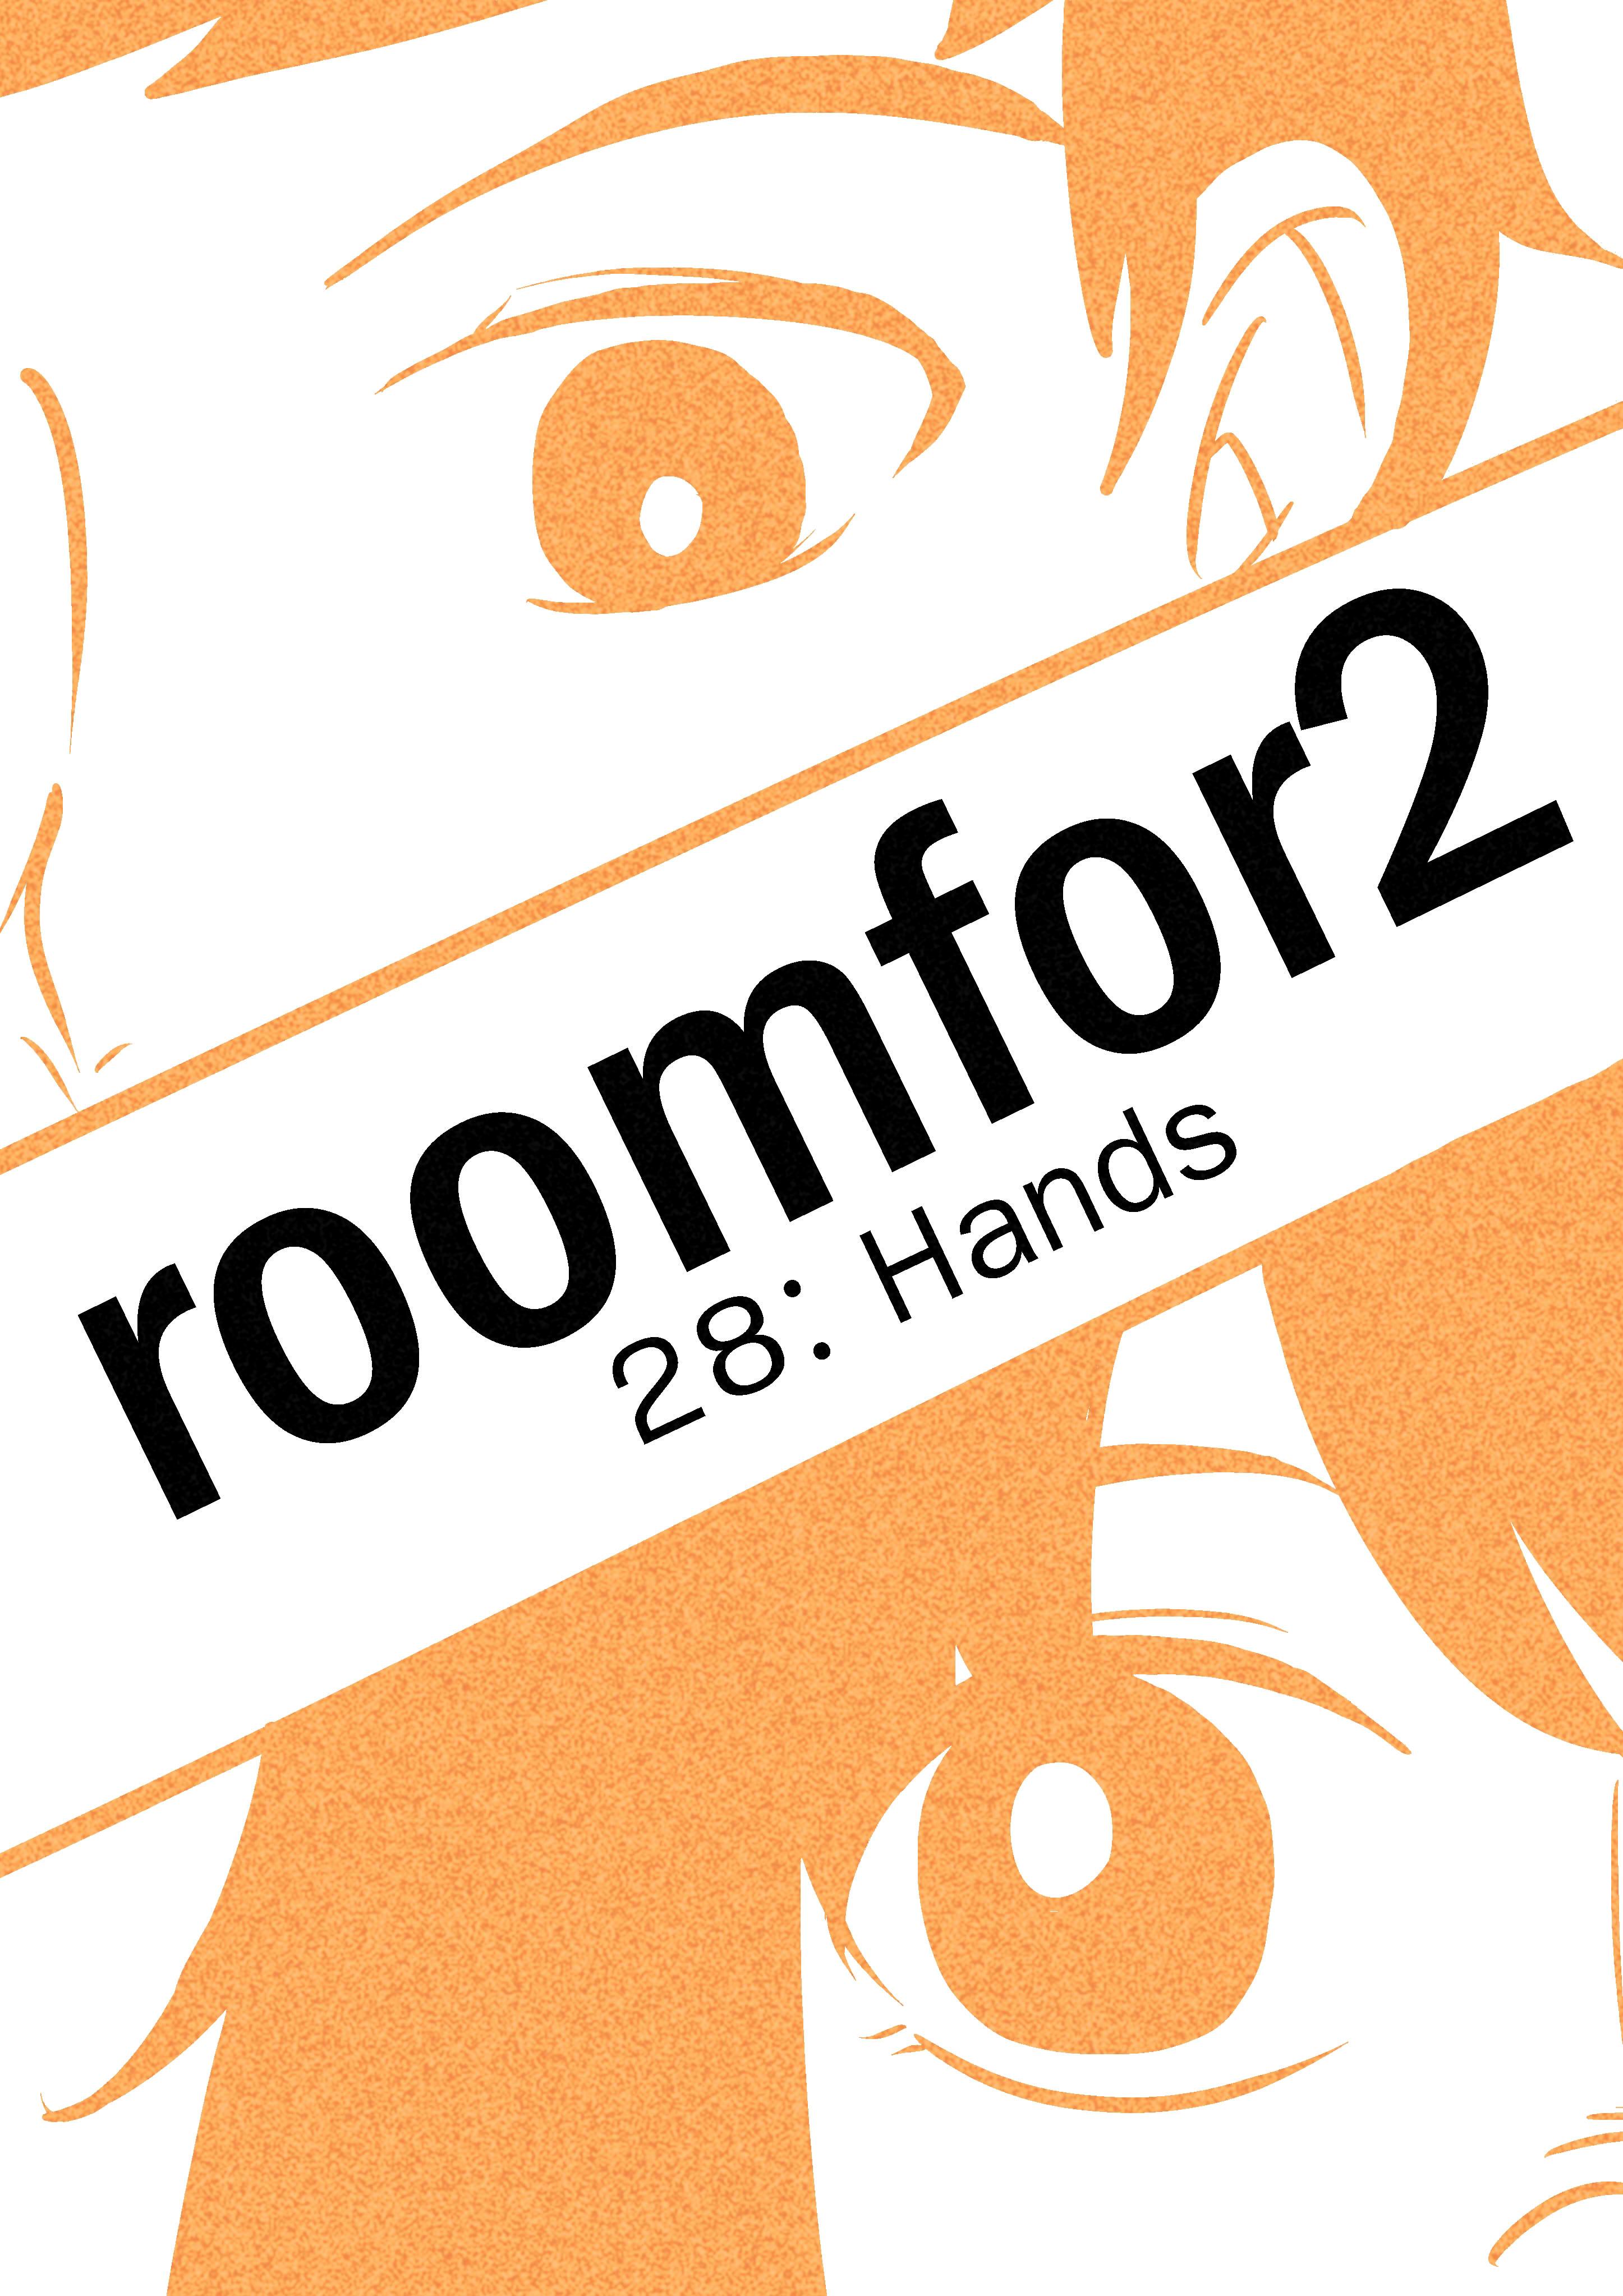 28: Hands